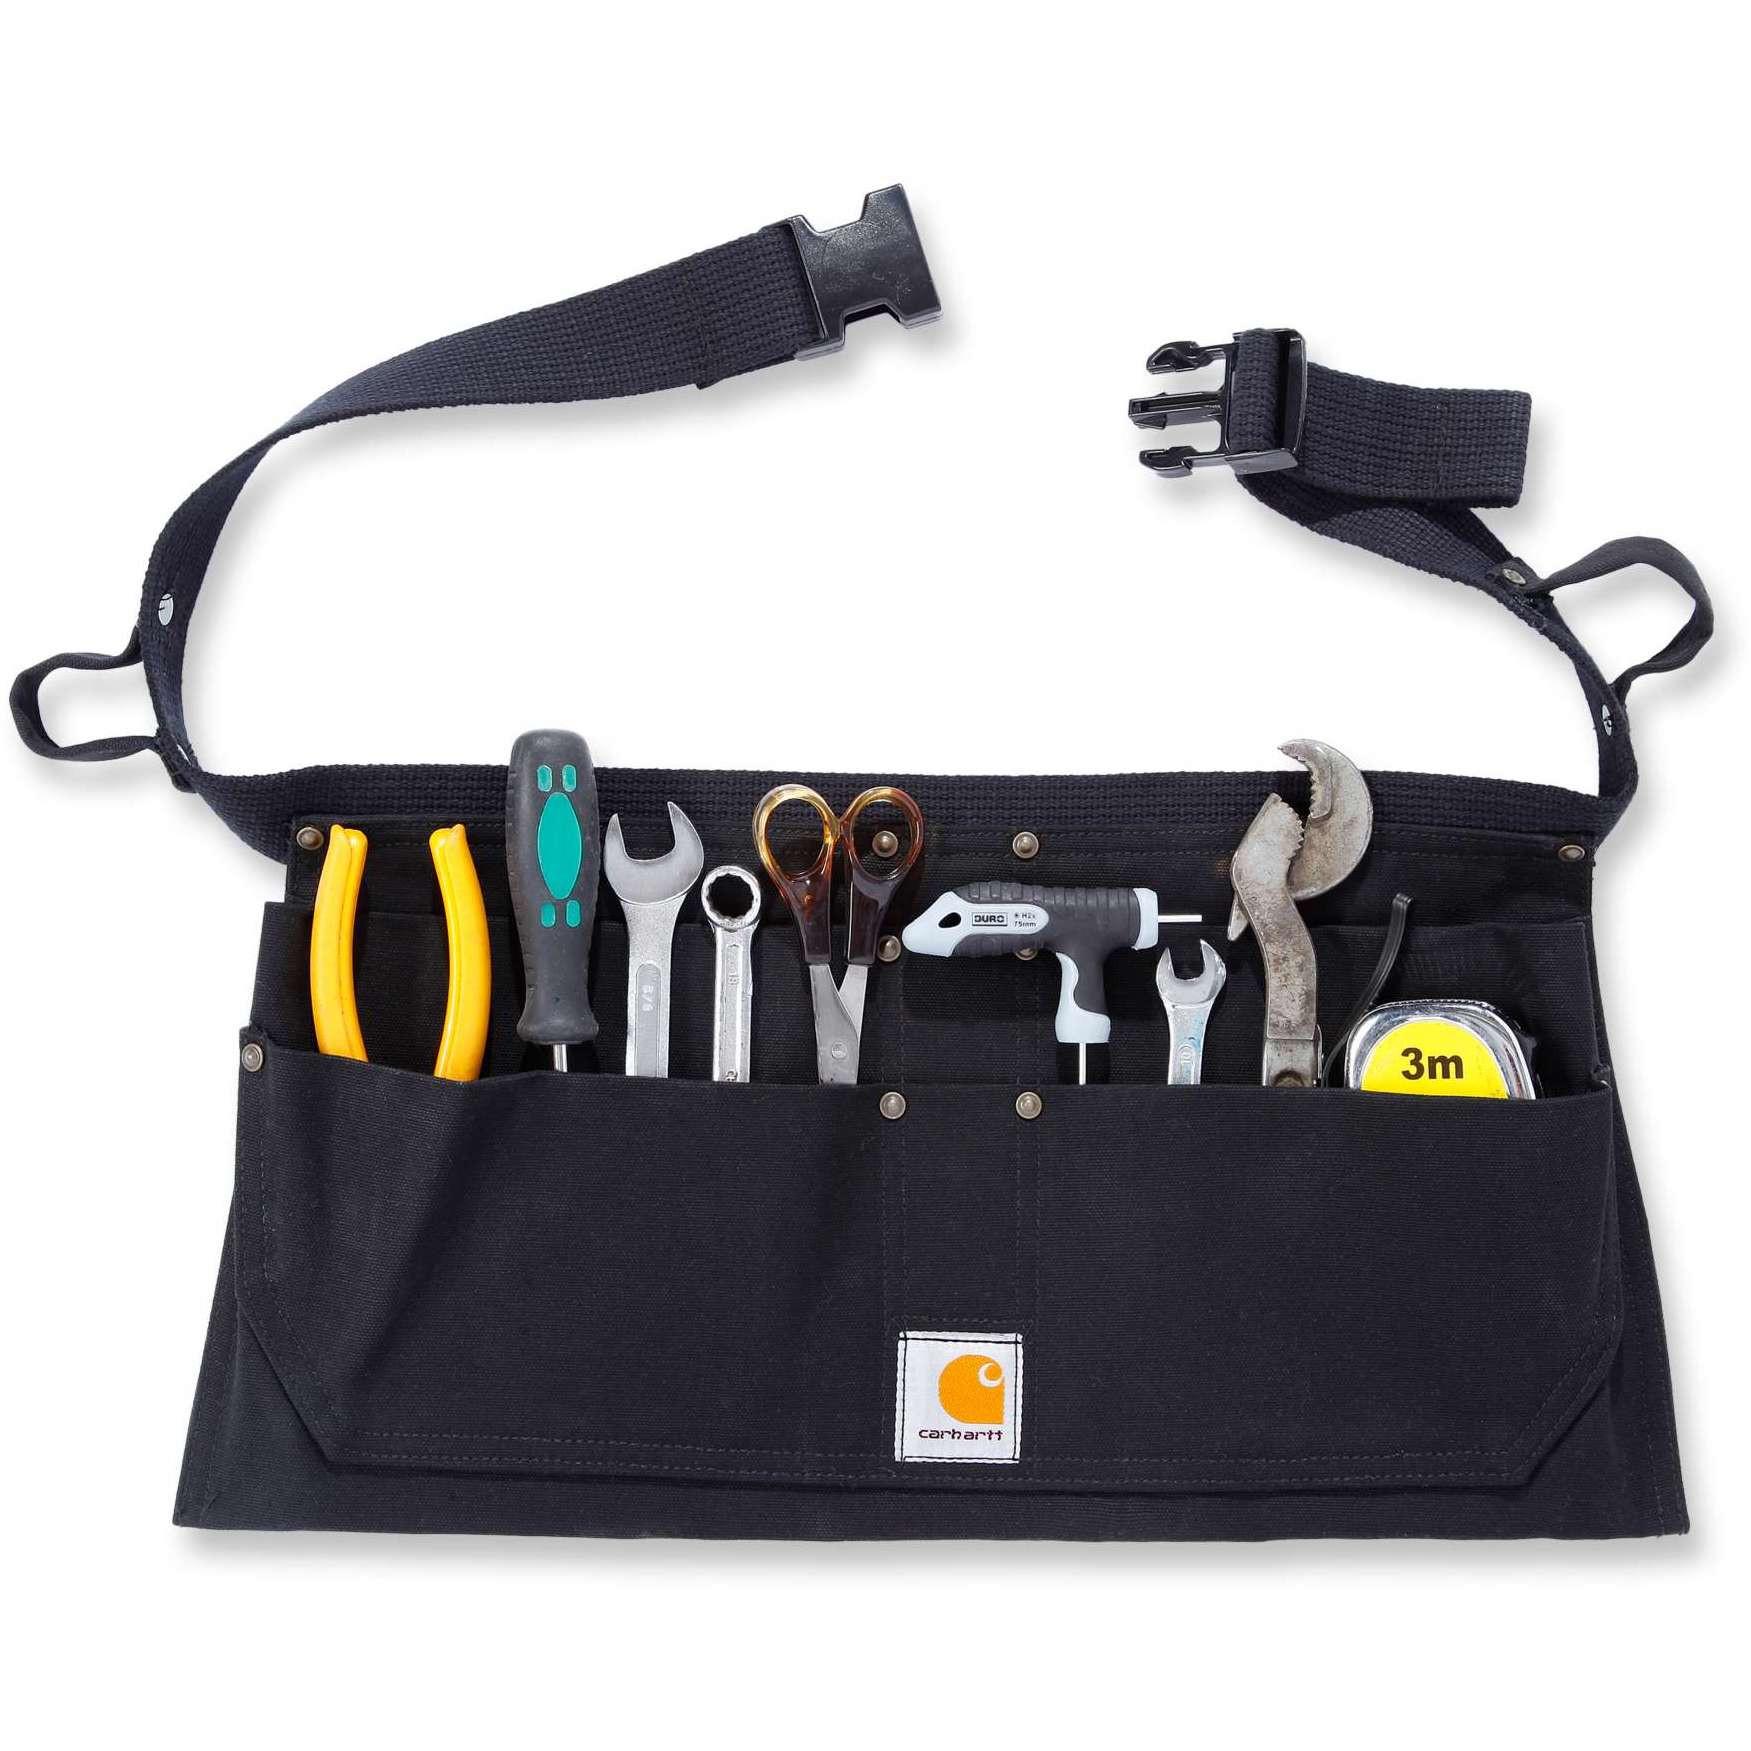 Ремень для инструментов Carhartt  Duck Tool Belt - A09 (Black, S-M)